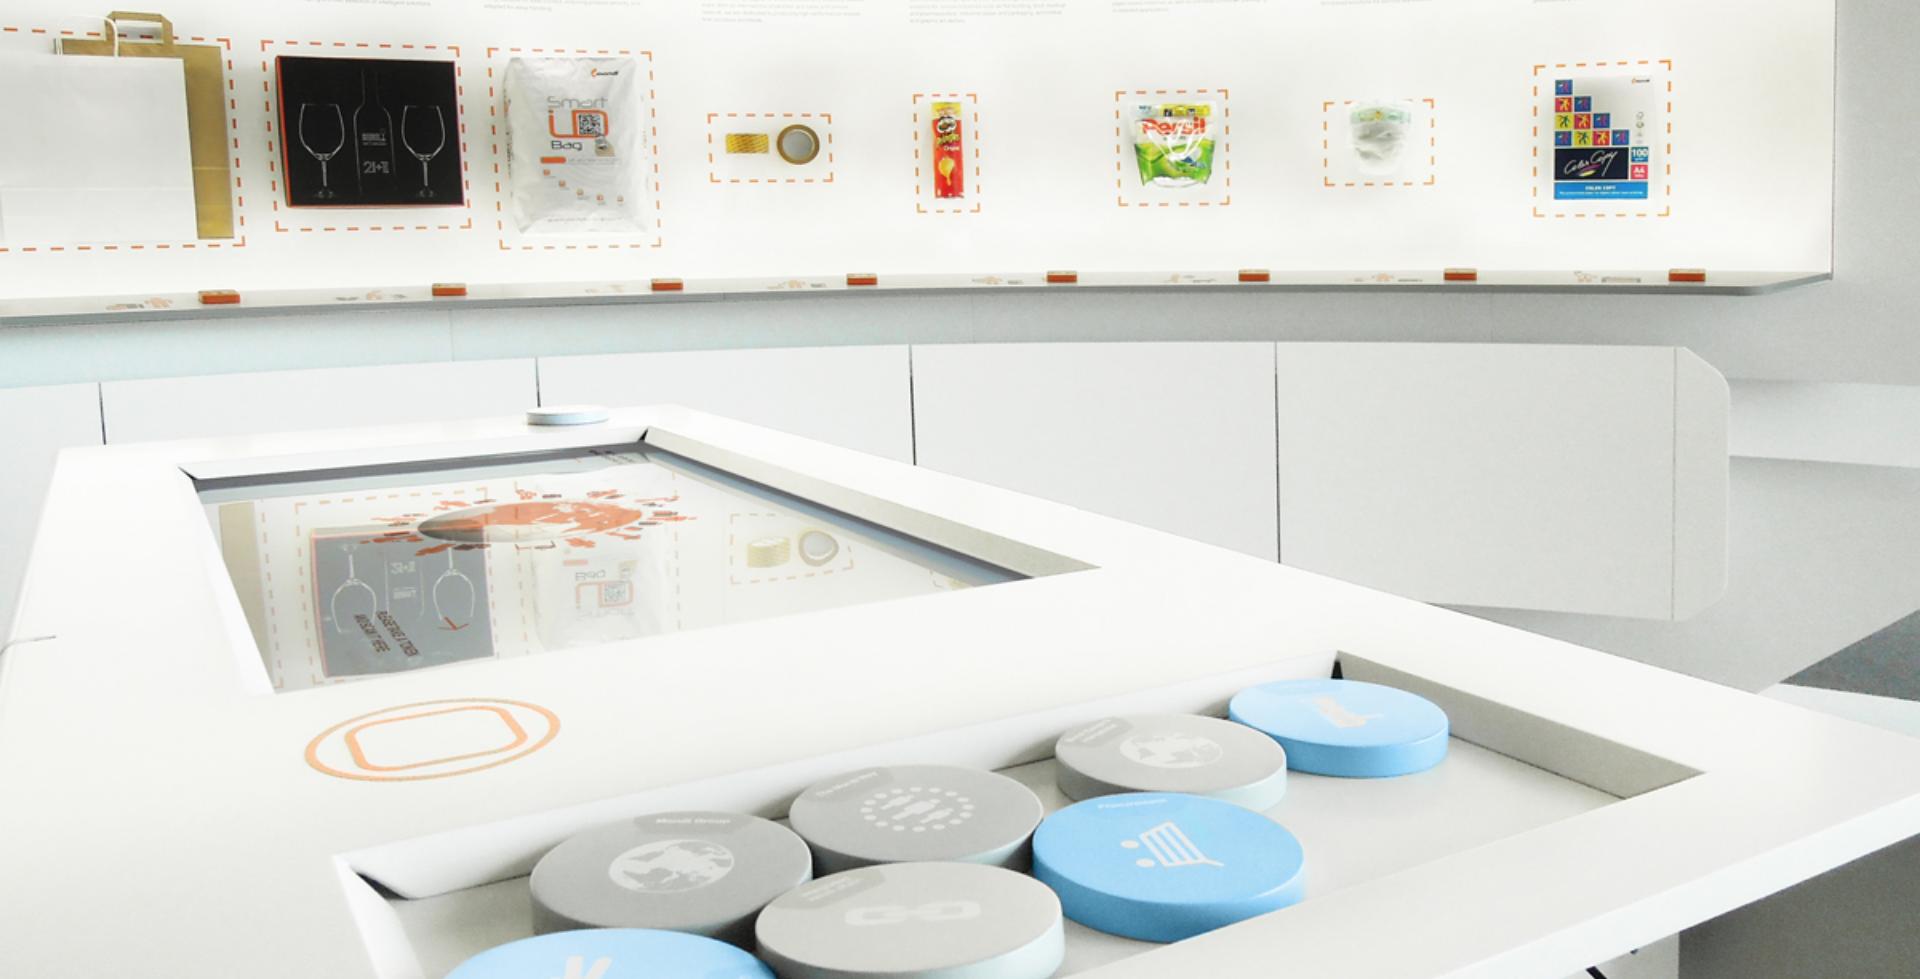 Interaktiver Tisch - Multitouch - Tokenerkennung - Objekterkkennung - Creative Technology - realtime visions